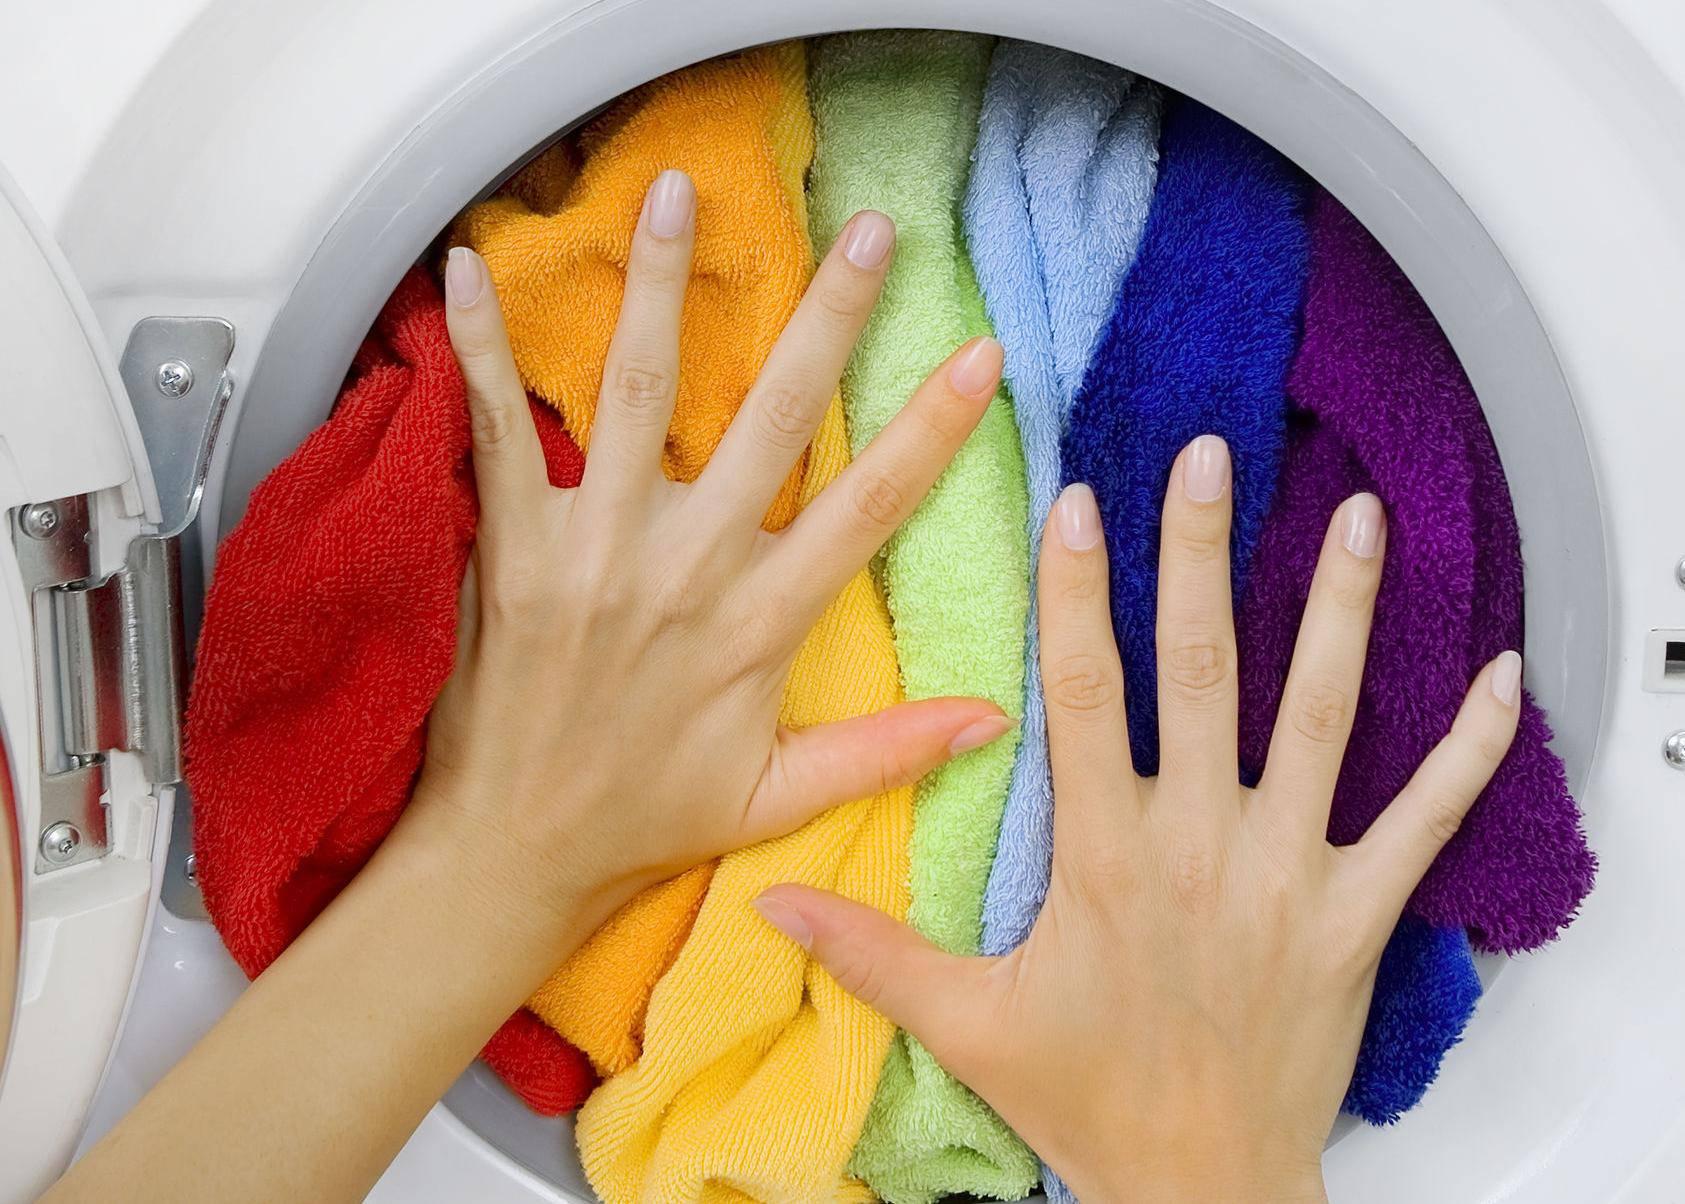 Prljavi ručnici uzrokuju upale oka i infekcije kože - pripazite